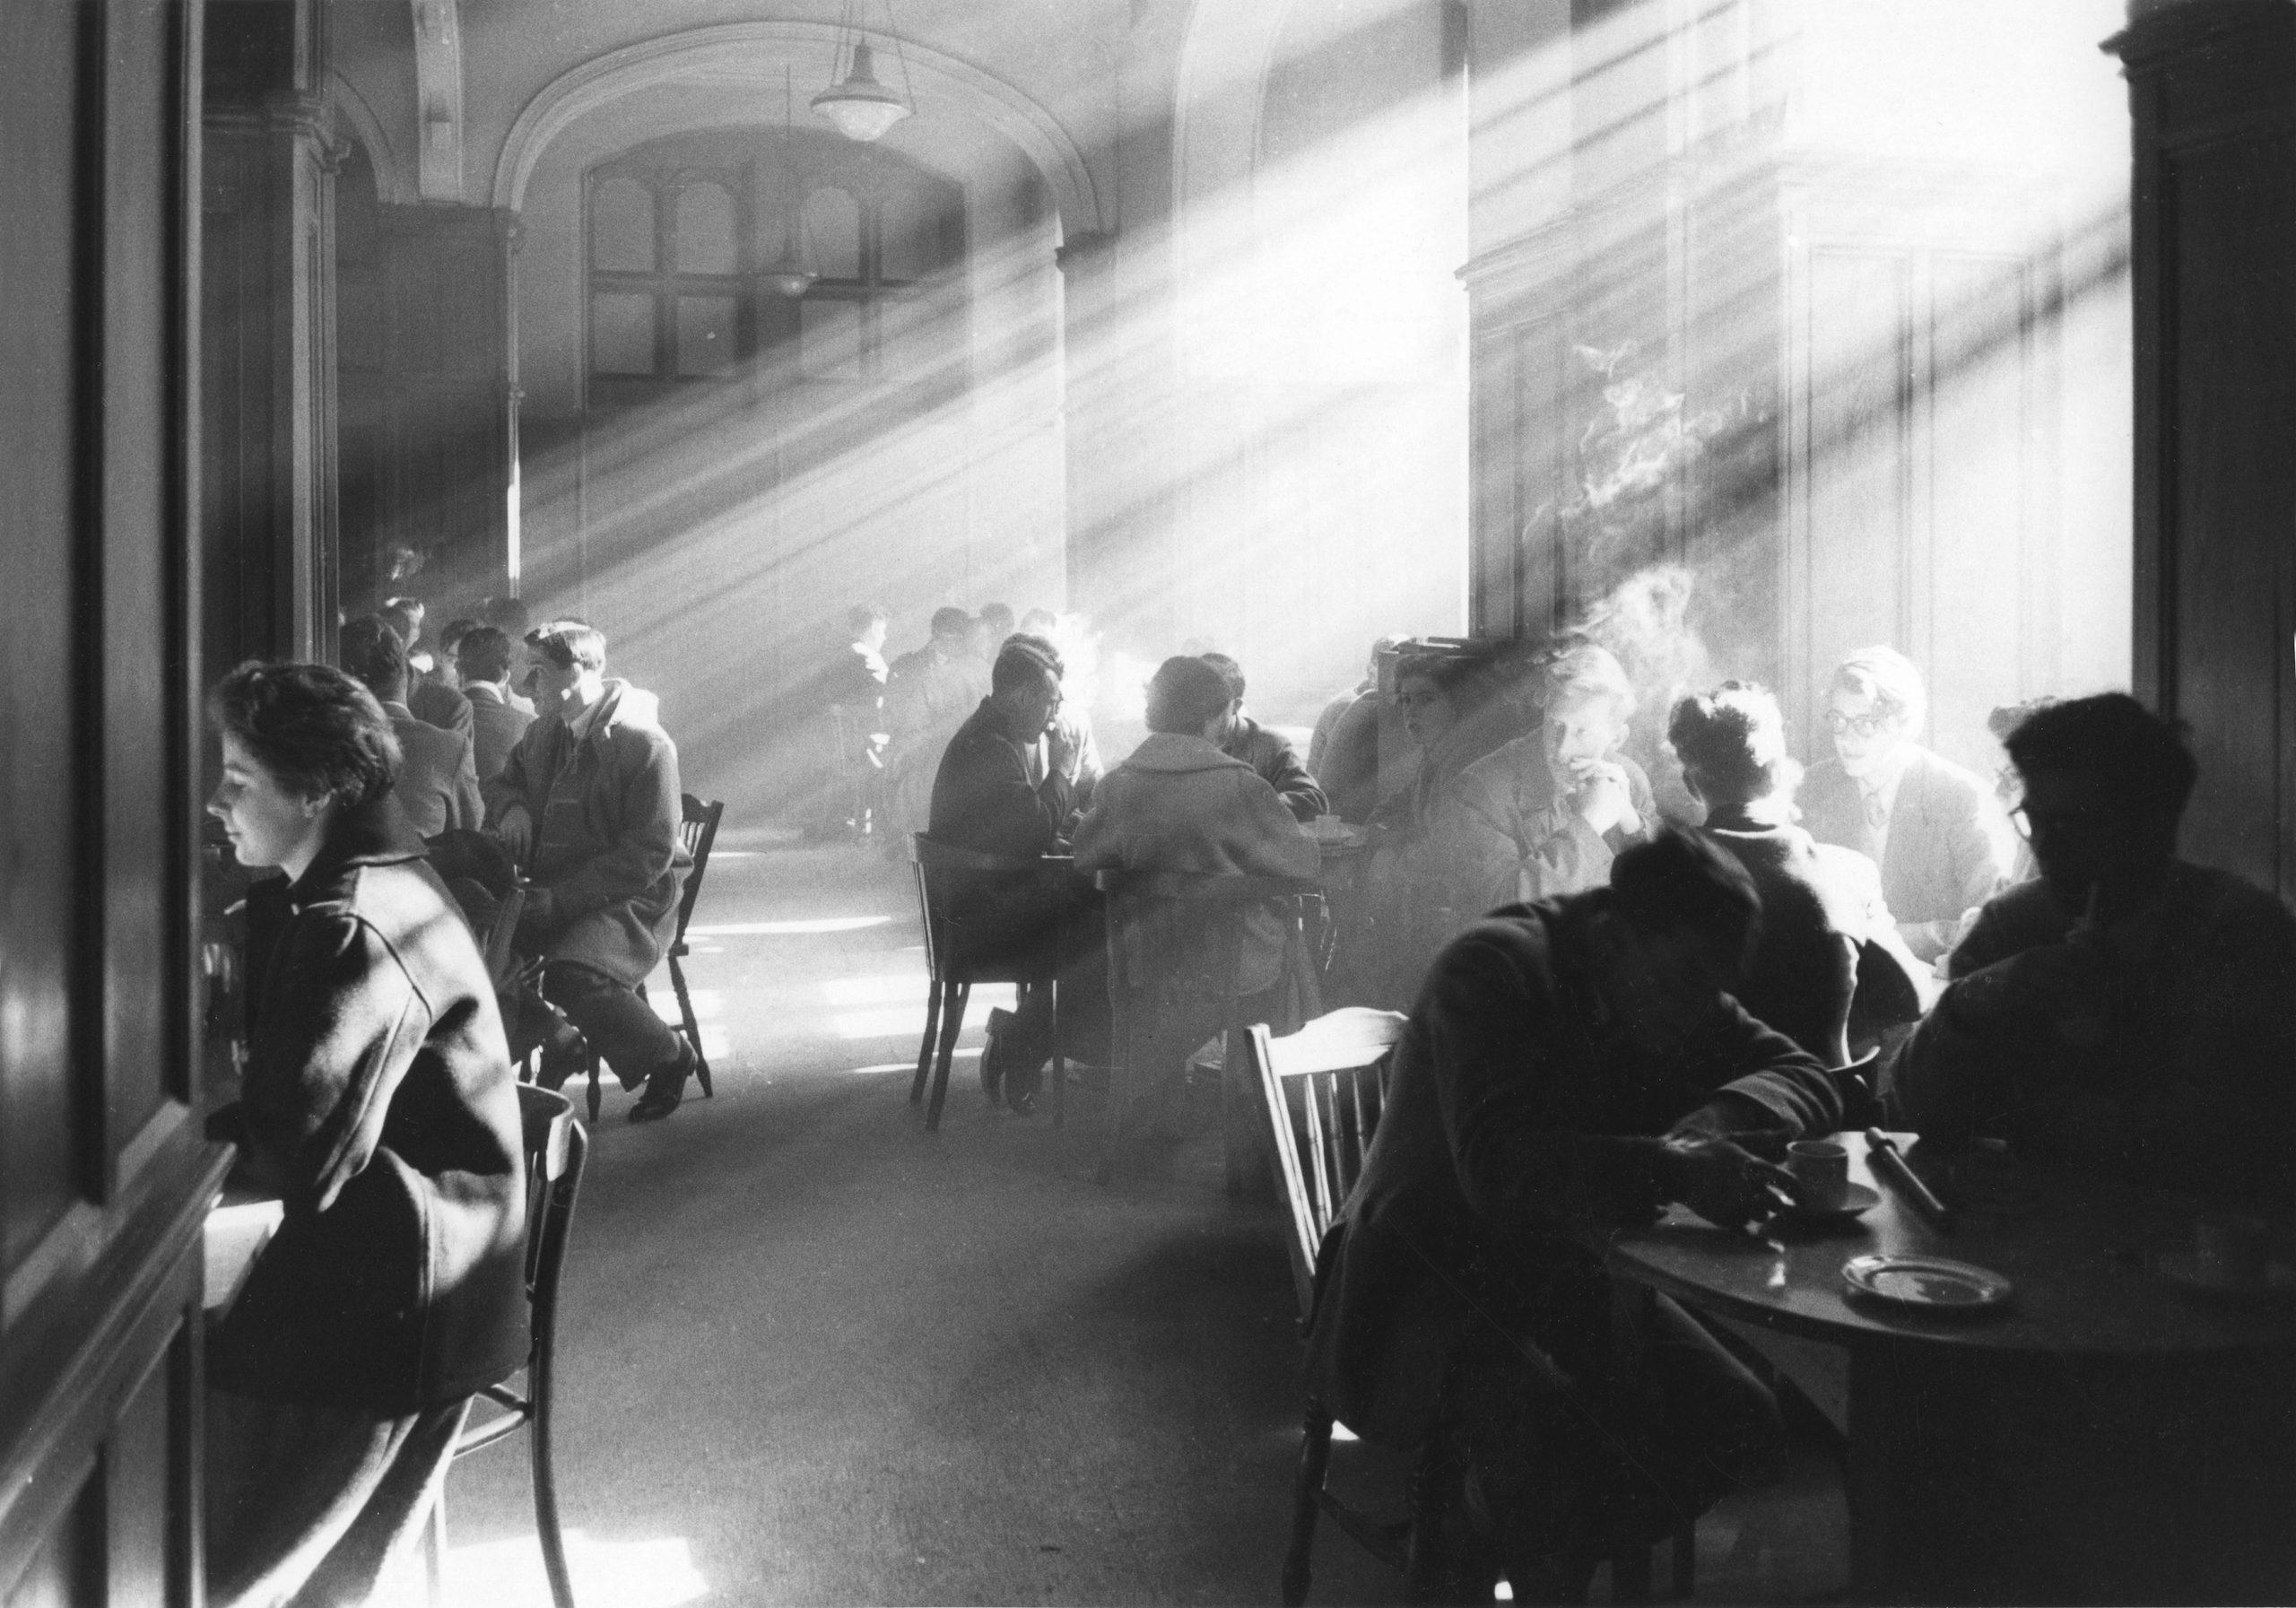 Photographie en noir et blanc de l'Université d'Édimbourg, Écosse, 1961 par Robert Blomfield